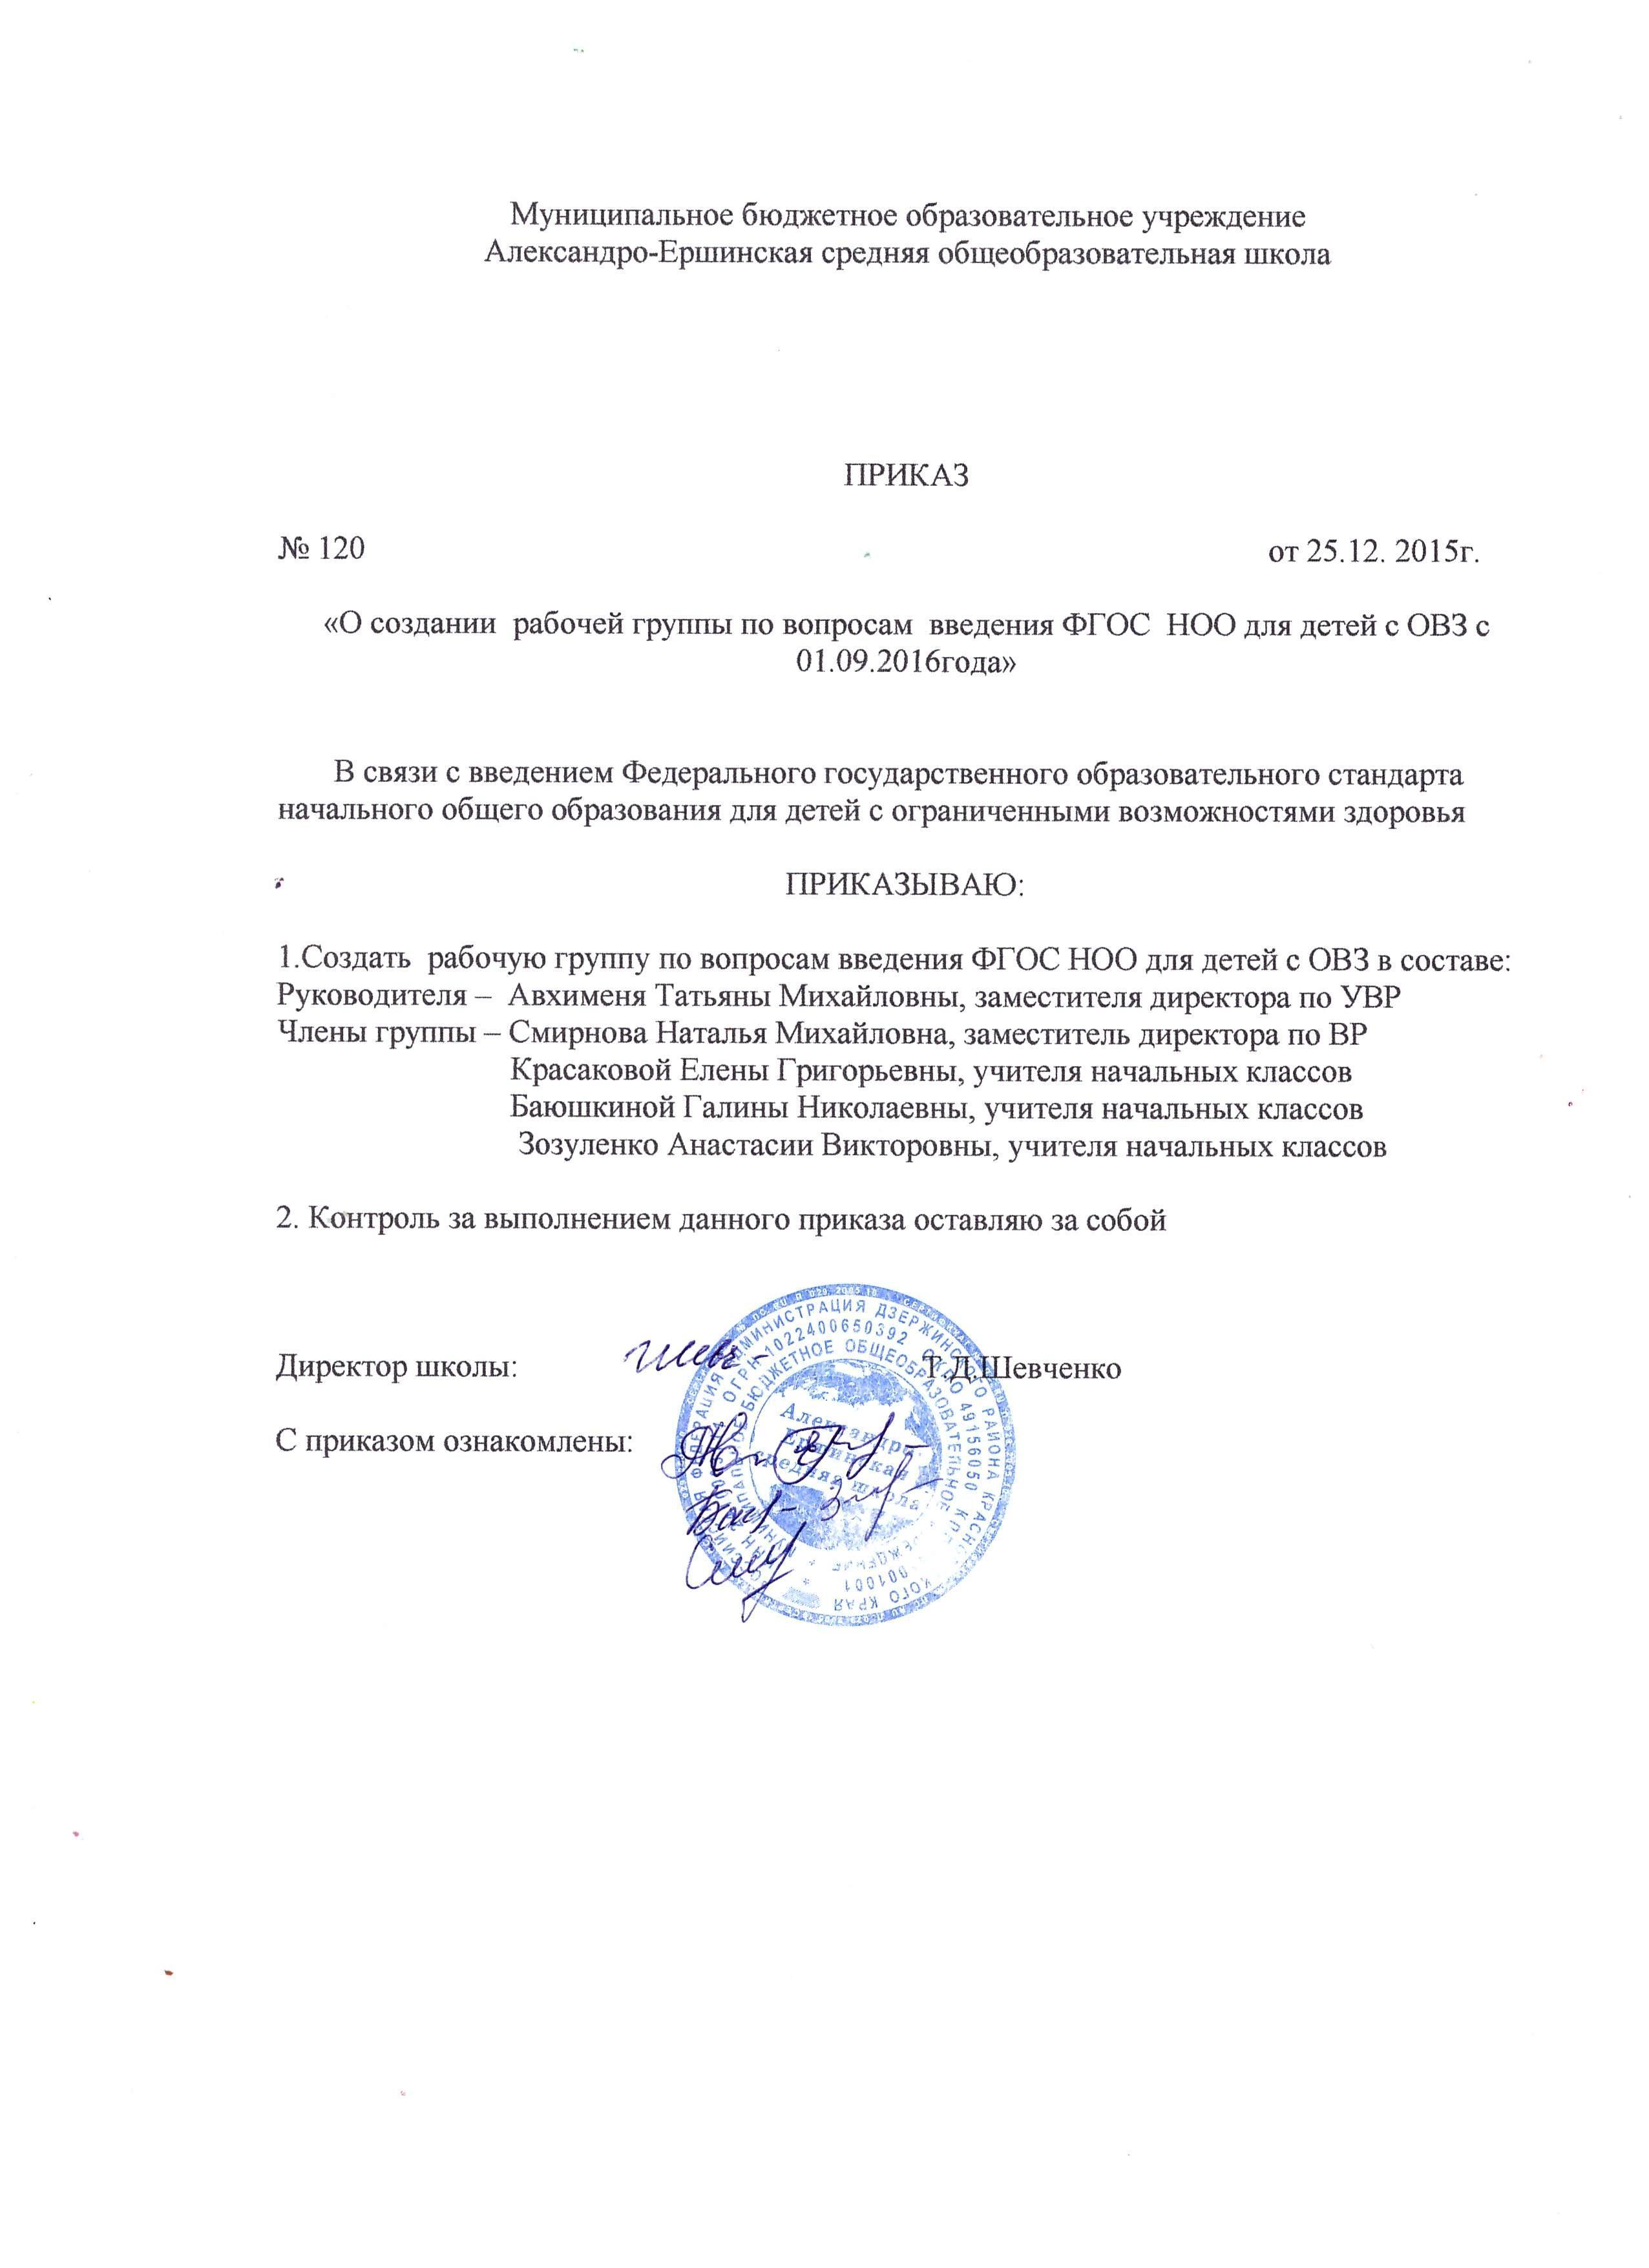 приказ о введении фгос ноо овз в школе